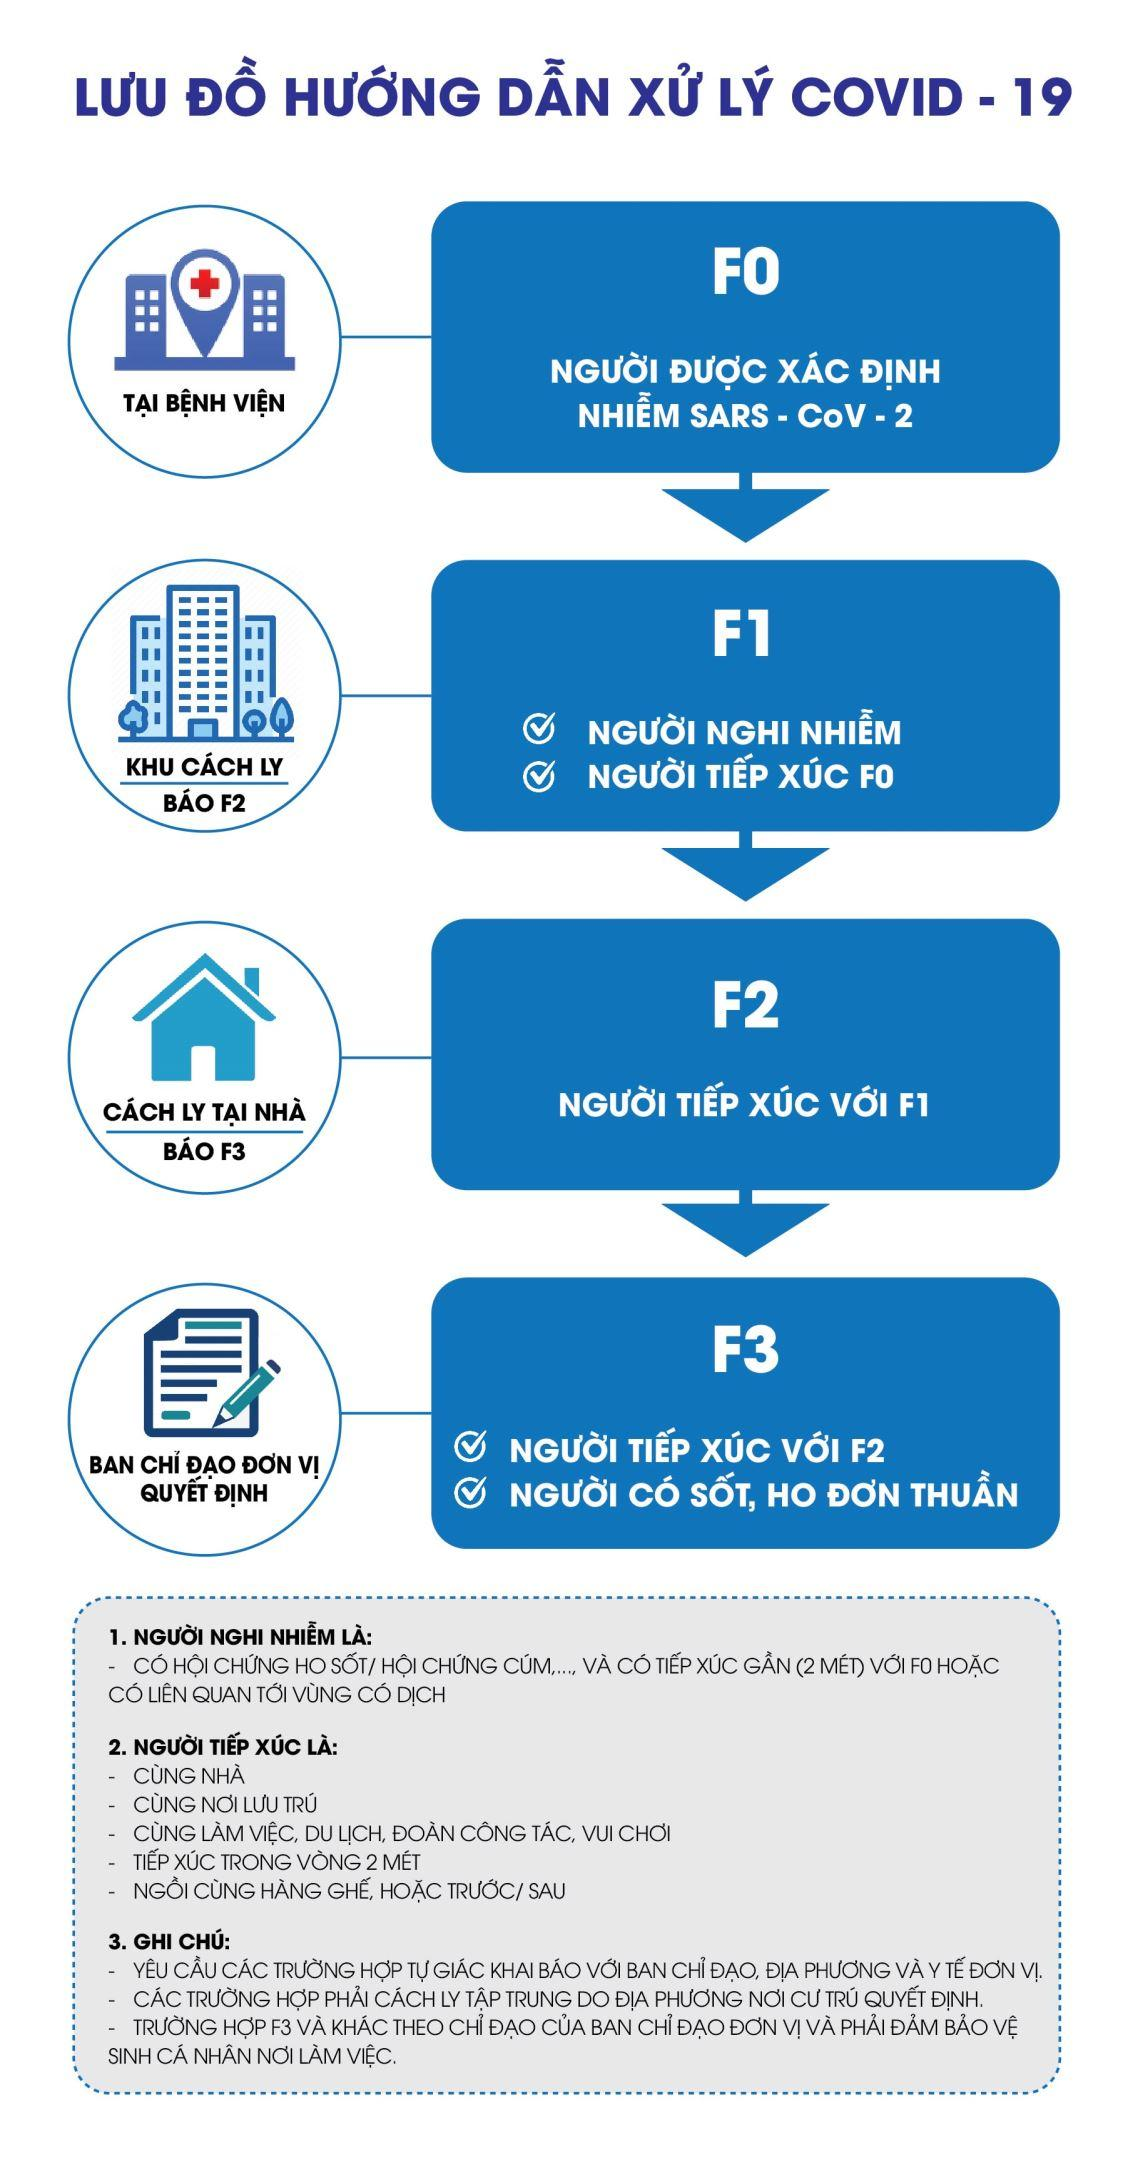 Lưu đồ hướng dẫn xử lý COVID-19